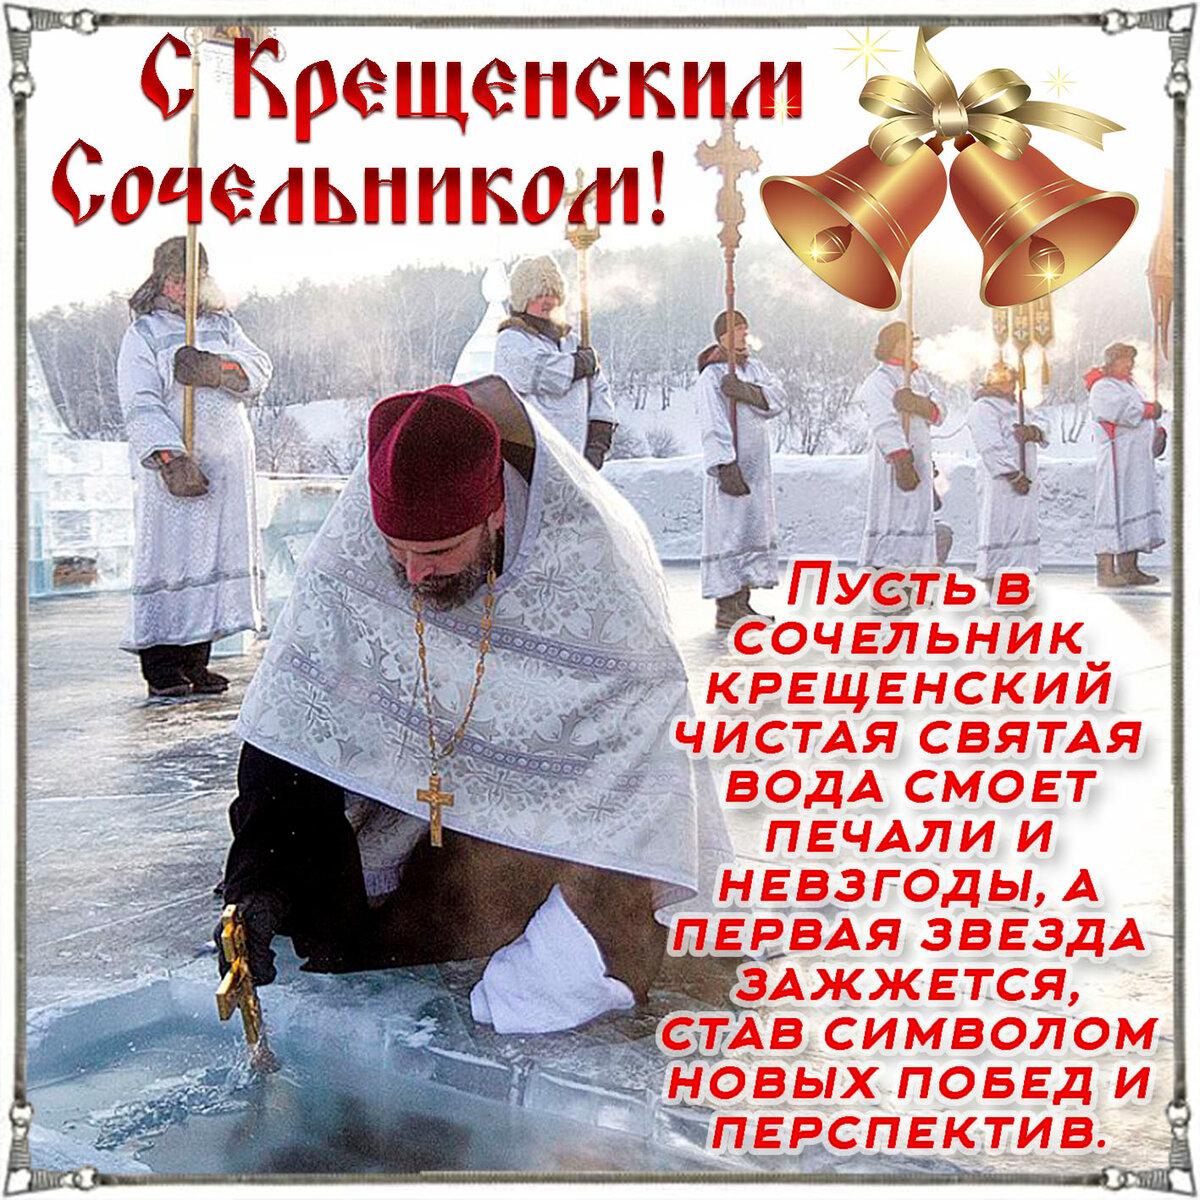 Открытка крещенский сочельник поздравление, открытка